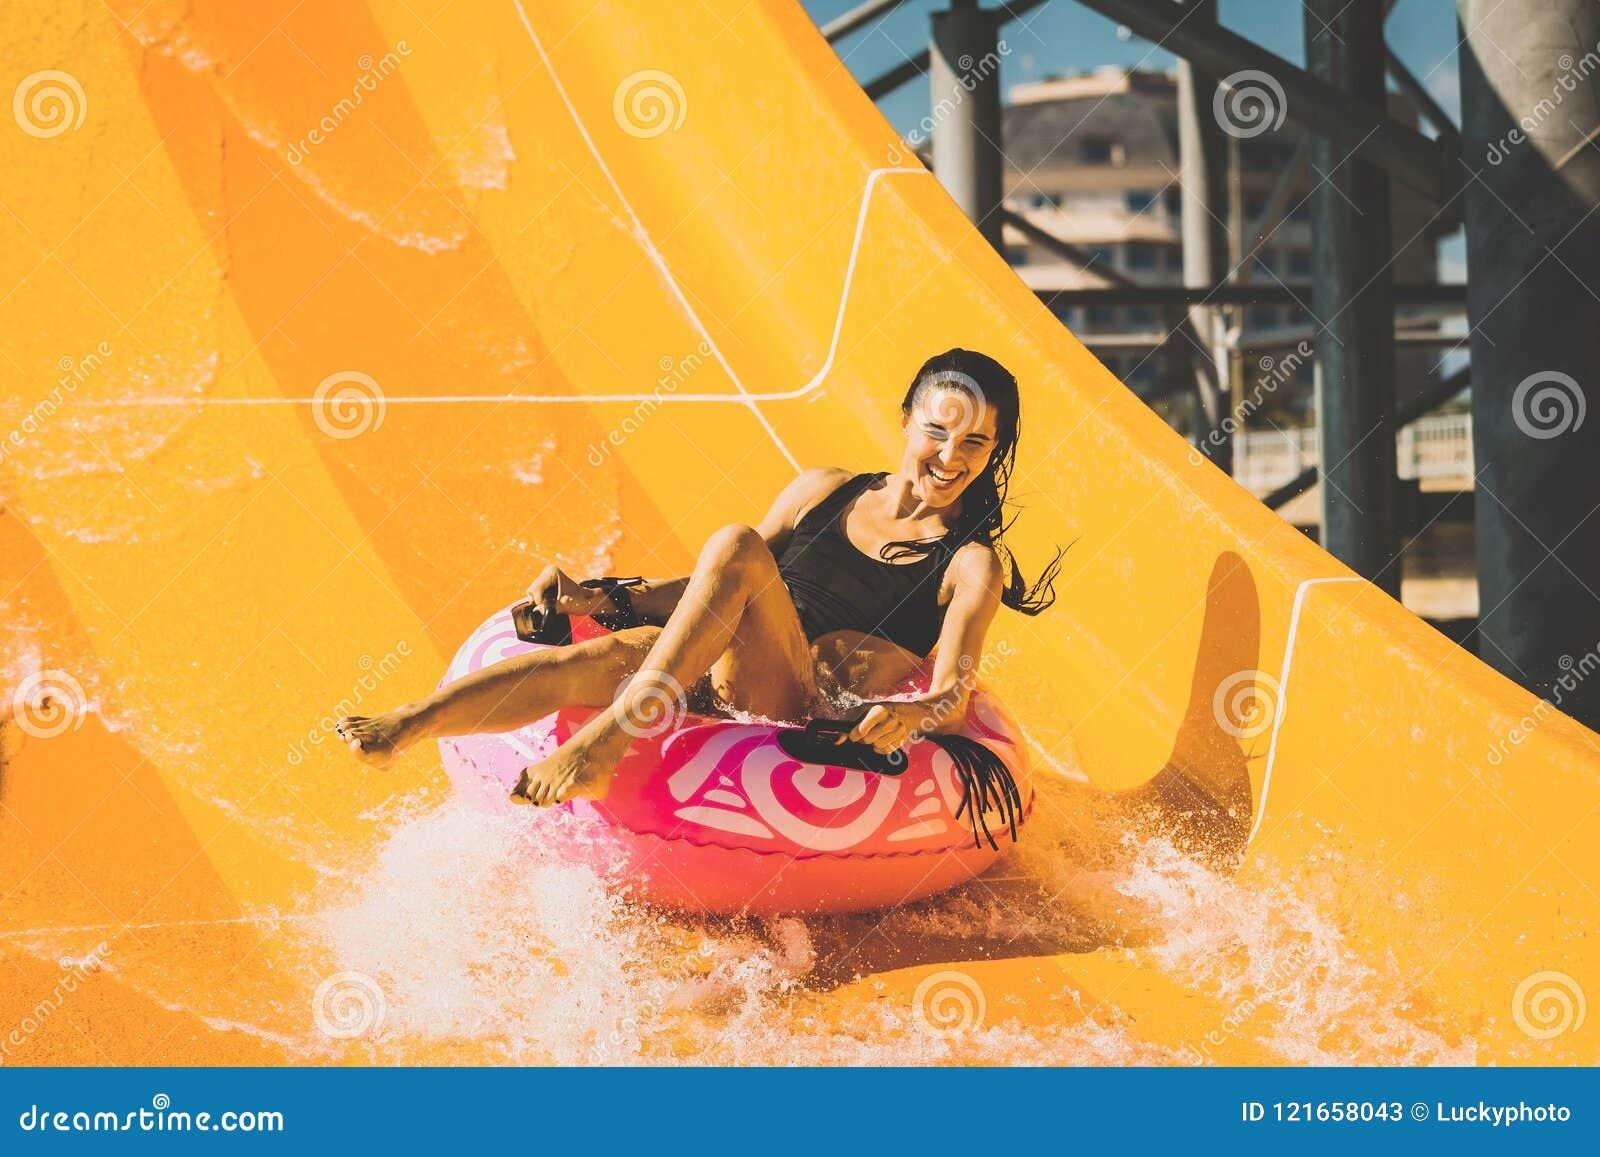 La mujer sonriente que se divierte en el tobogán acuático en aguamarina parquea